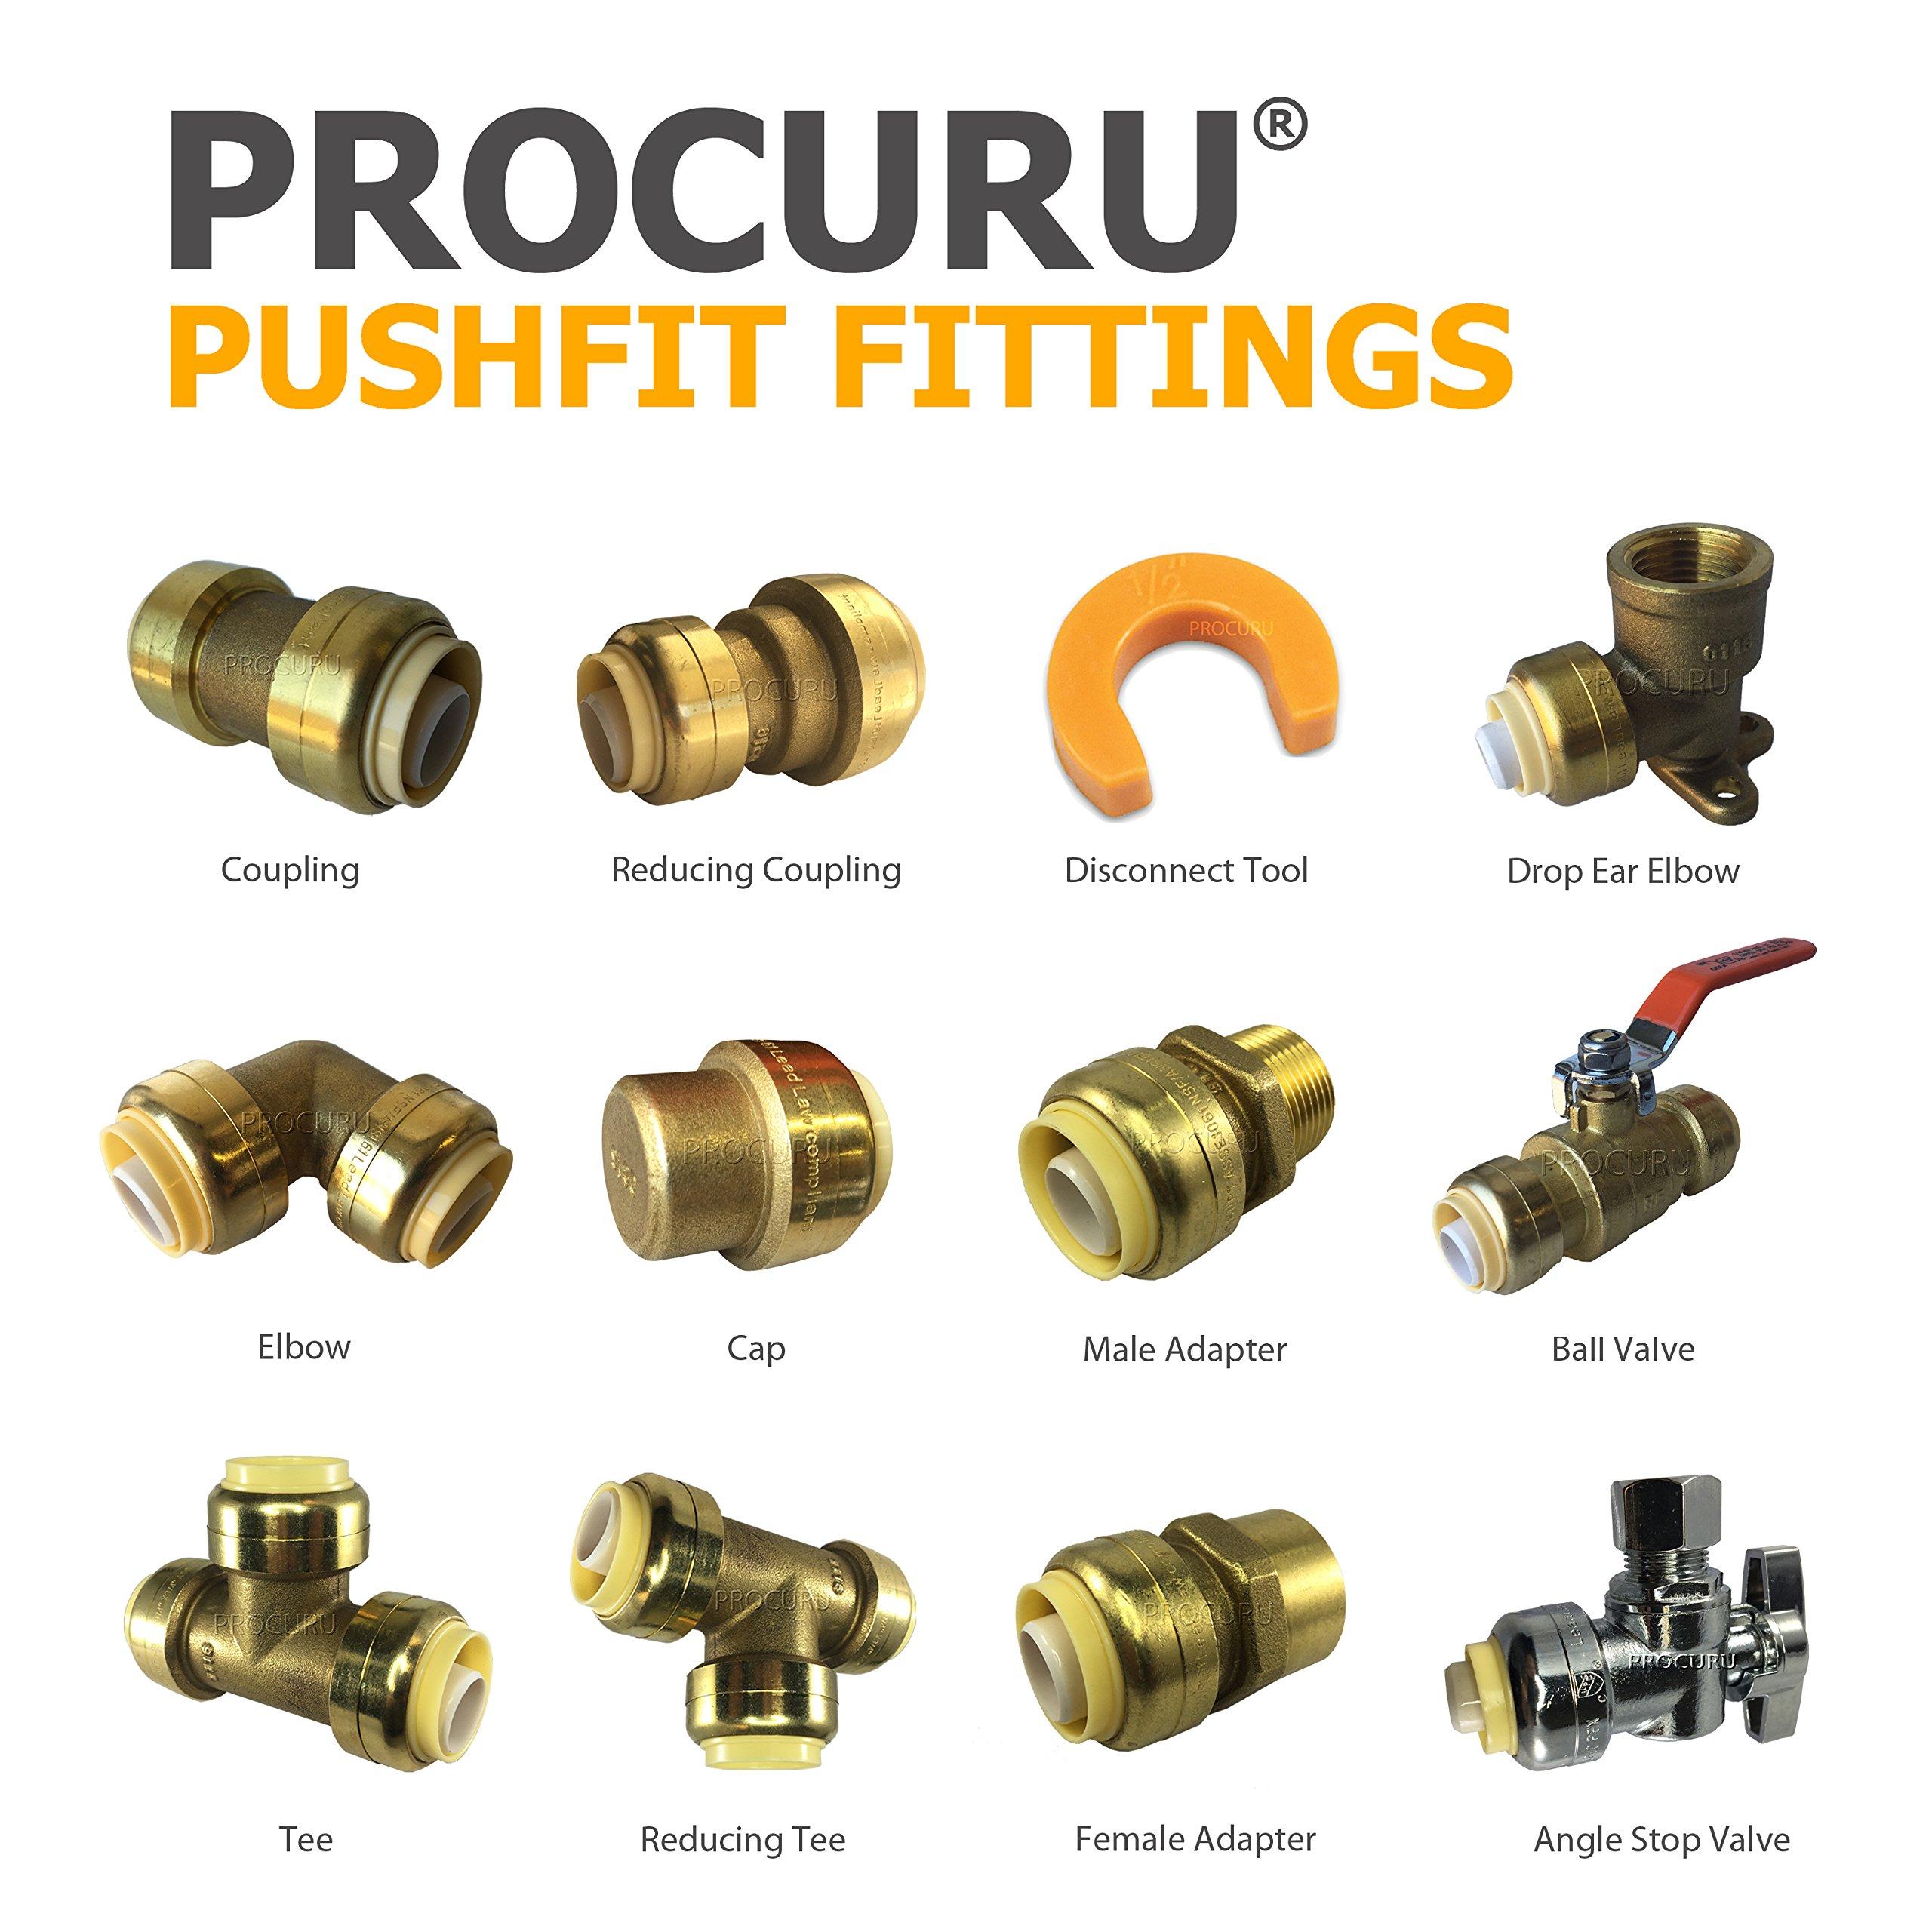 [10-Pack] PROCURU 1/2-Inch PushFit End Cap - Plumbing Fitting for Copper, PEX, CPVC, Lead Free Certified (0.5 Inch (1/2''), 10-Pack) by PROCURU (Image #3)